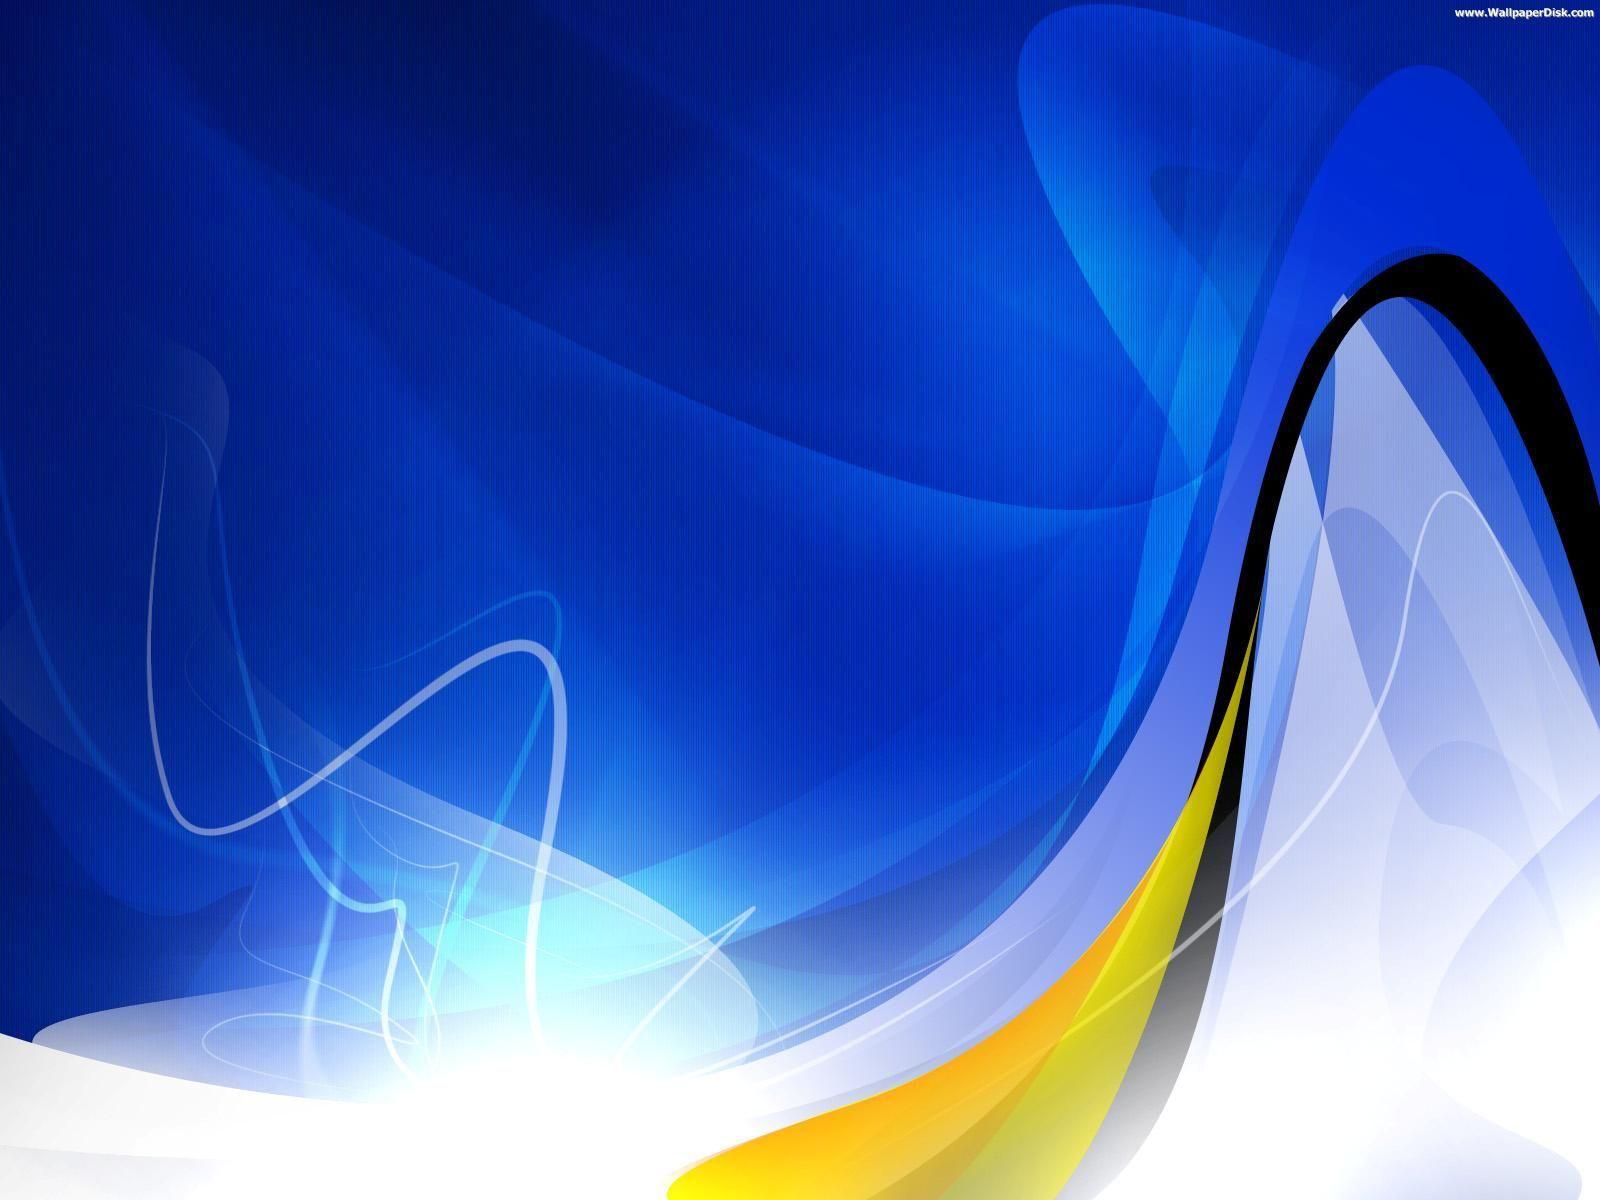 Vector Graphics Best vector art 2 desktop wallpapers